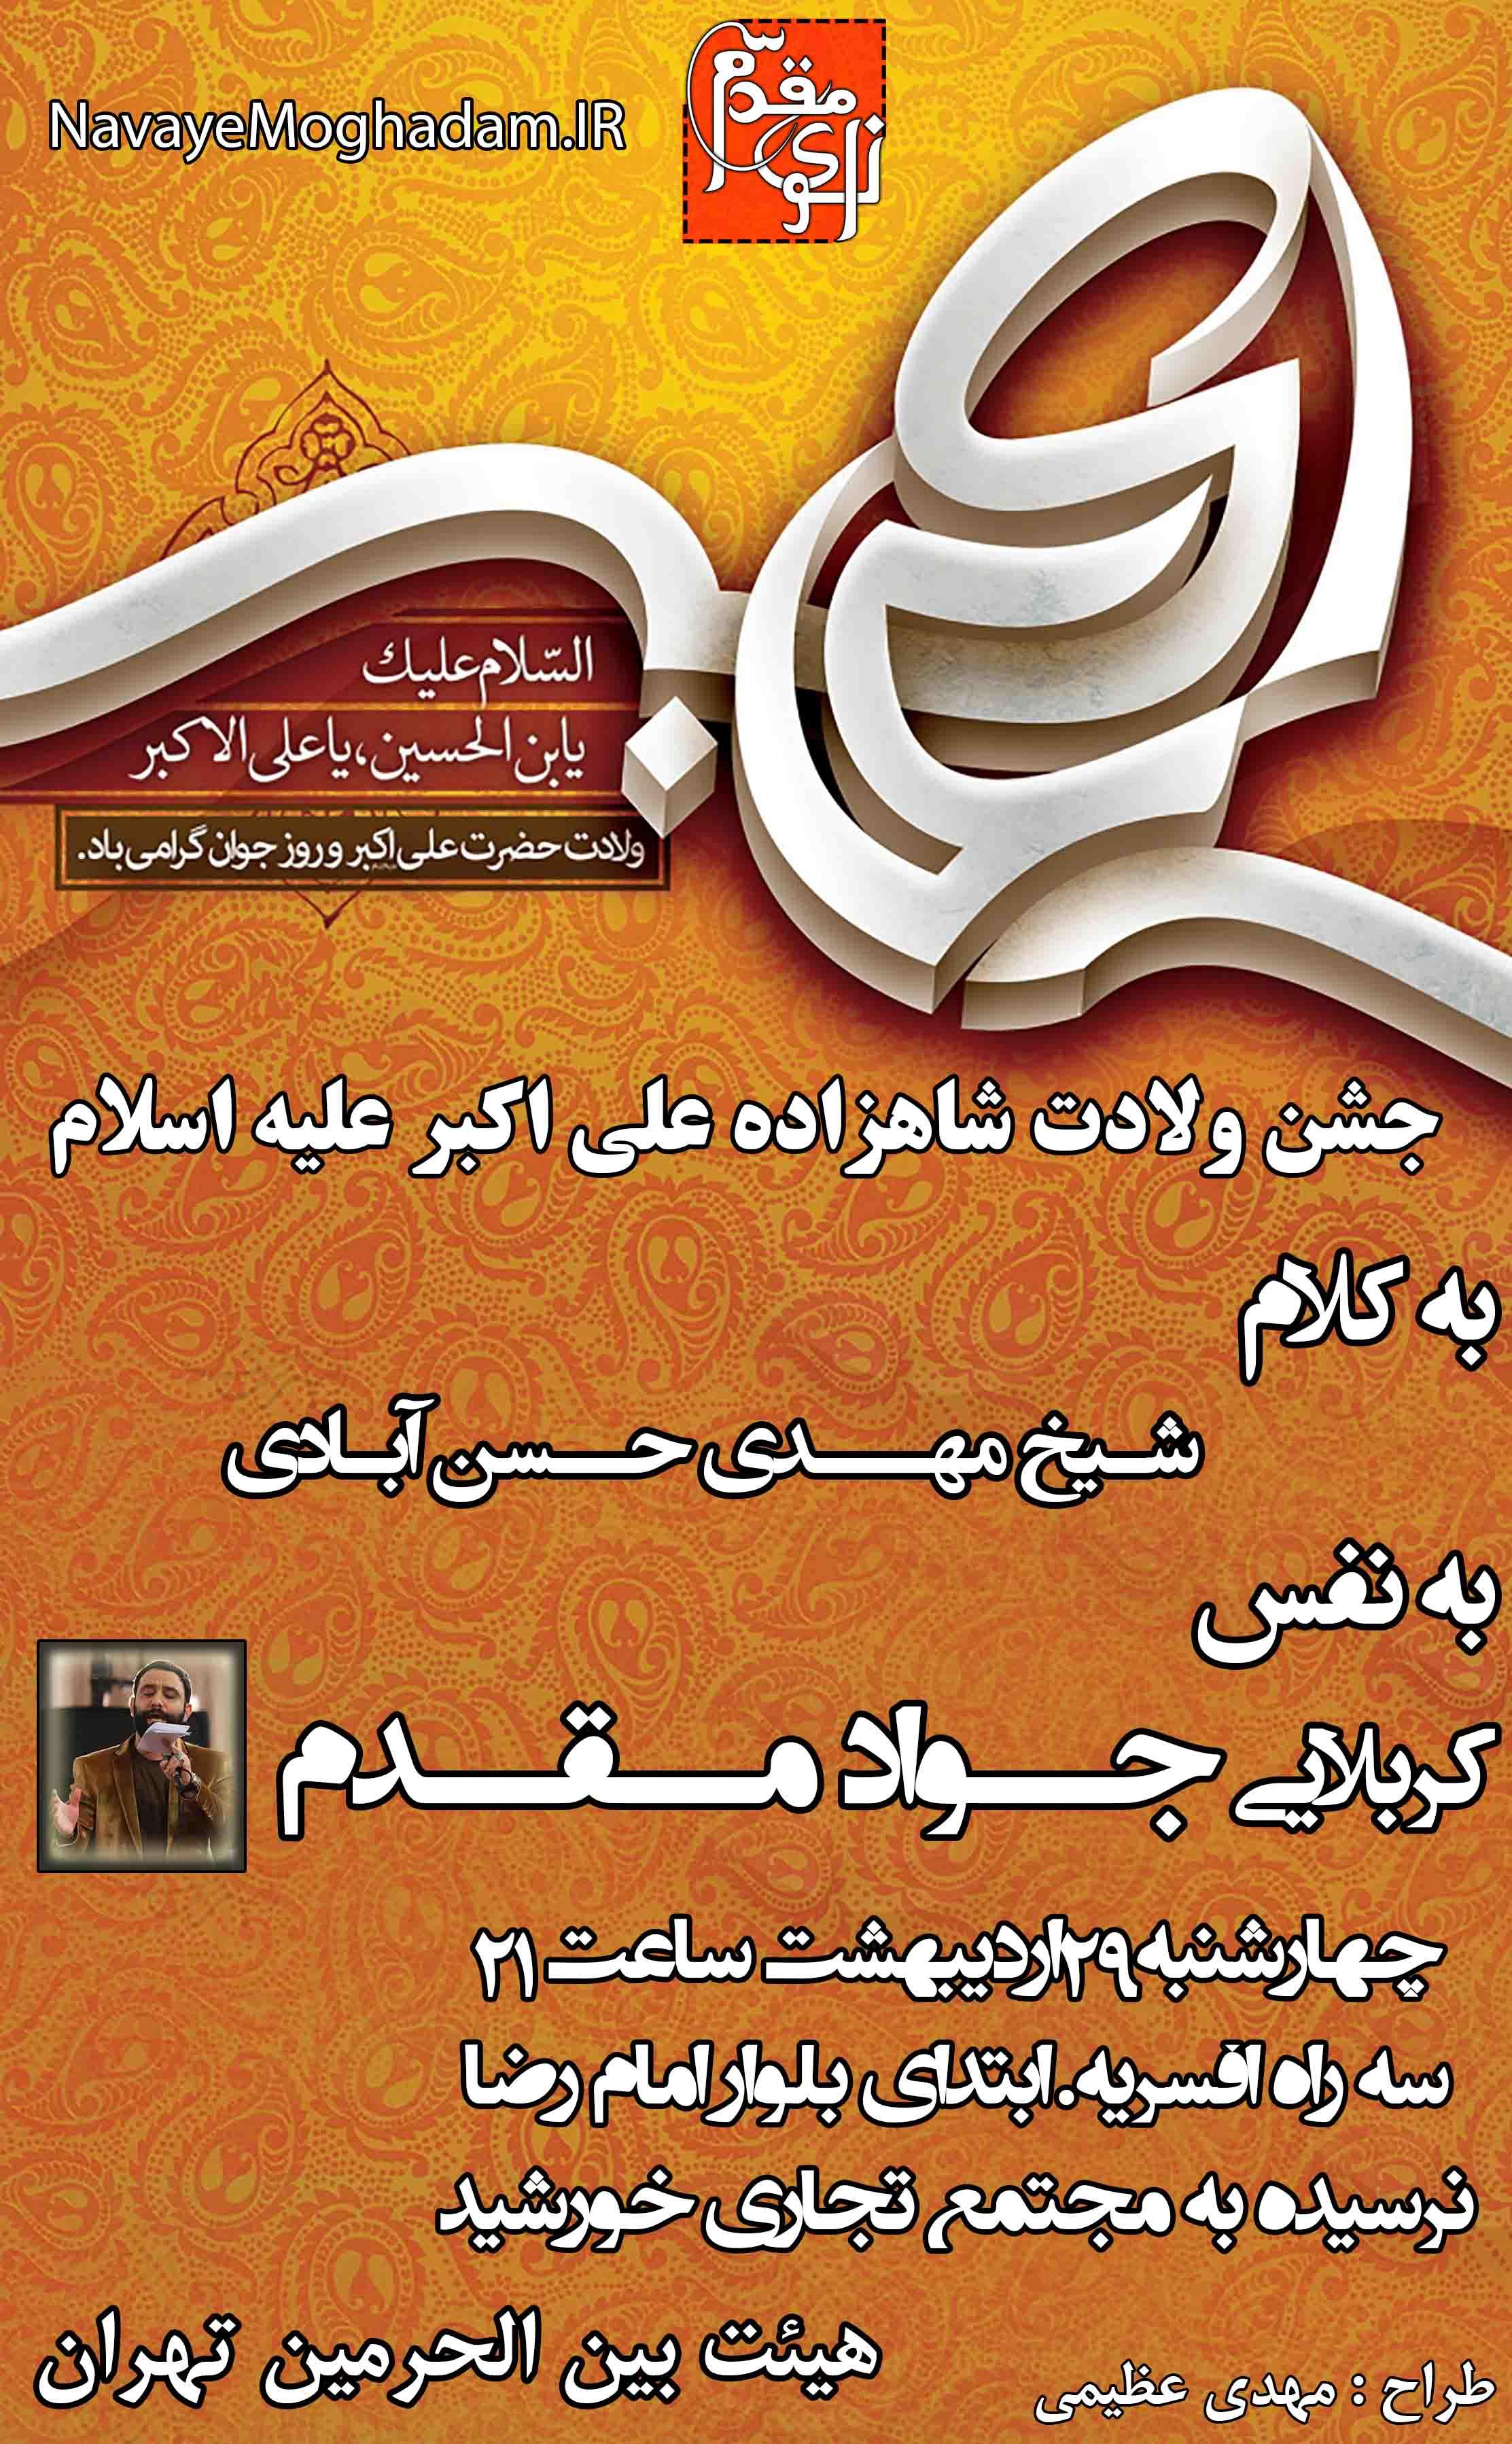 http://bayanbox.ir/view/8698276112672262404/7design-18025759.jpg